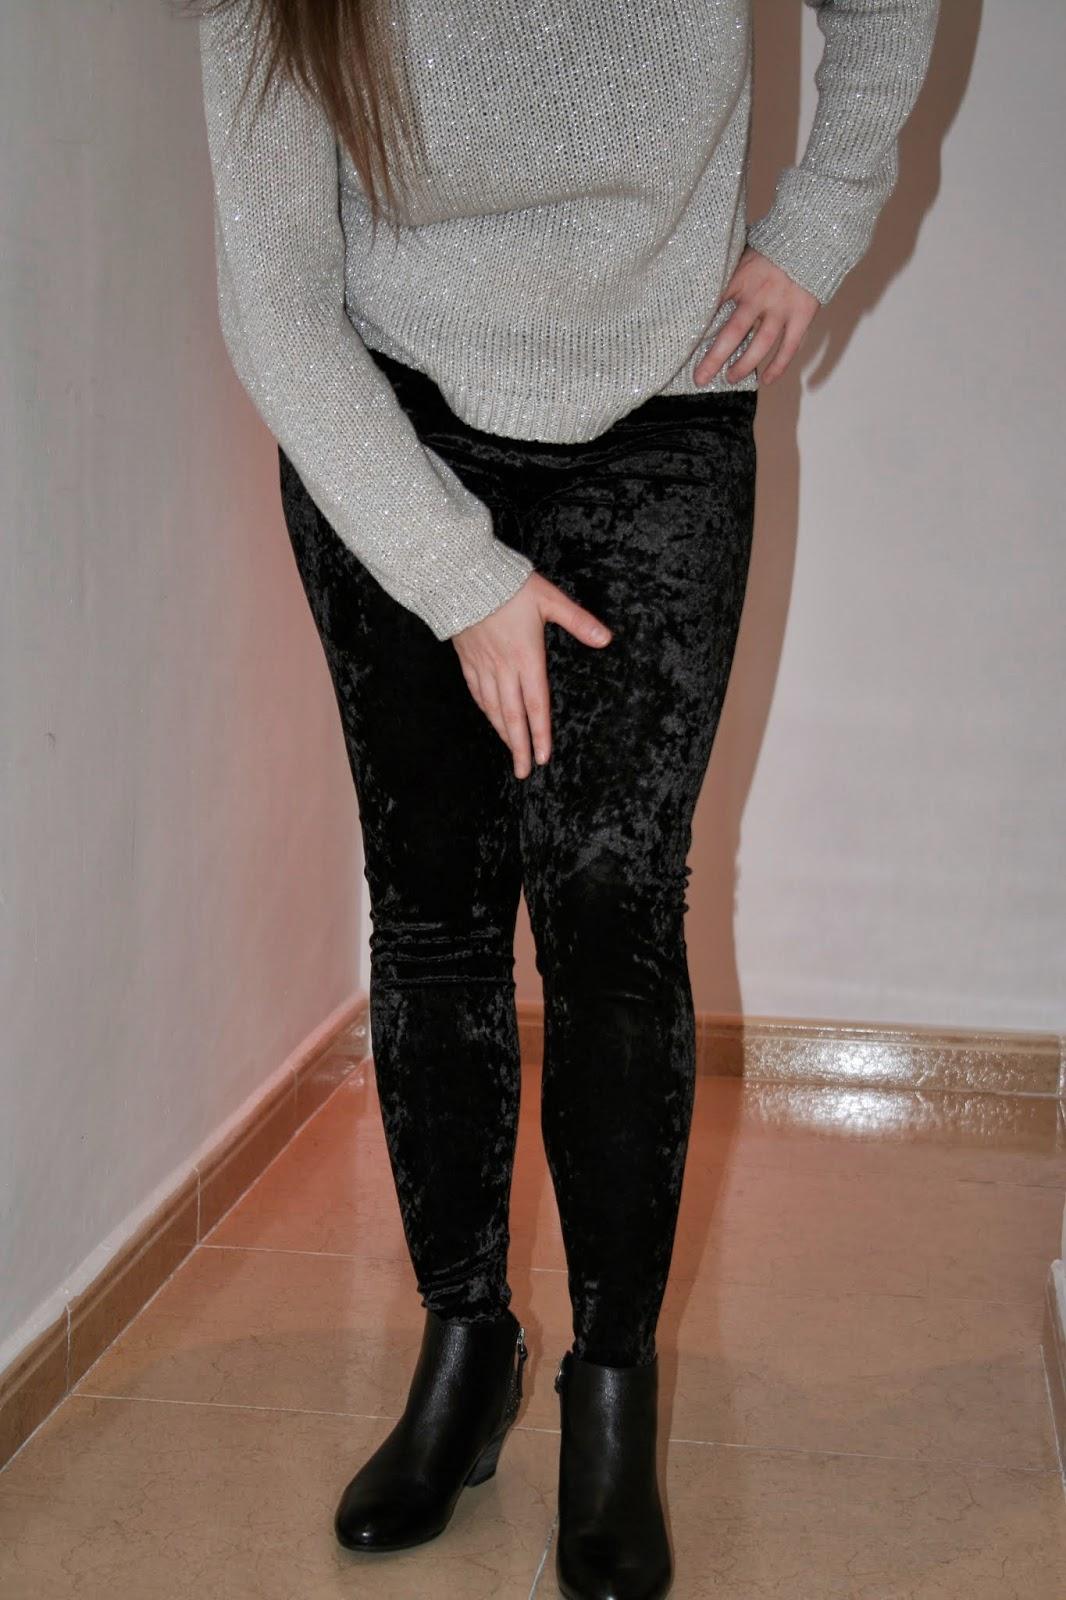 cose conmigo sew along maider masustak eguzkitan leggins terciopelo elástico negro modistilla de pacotilla